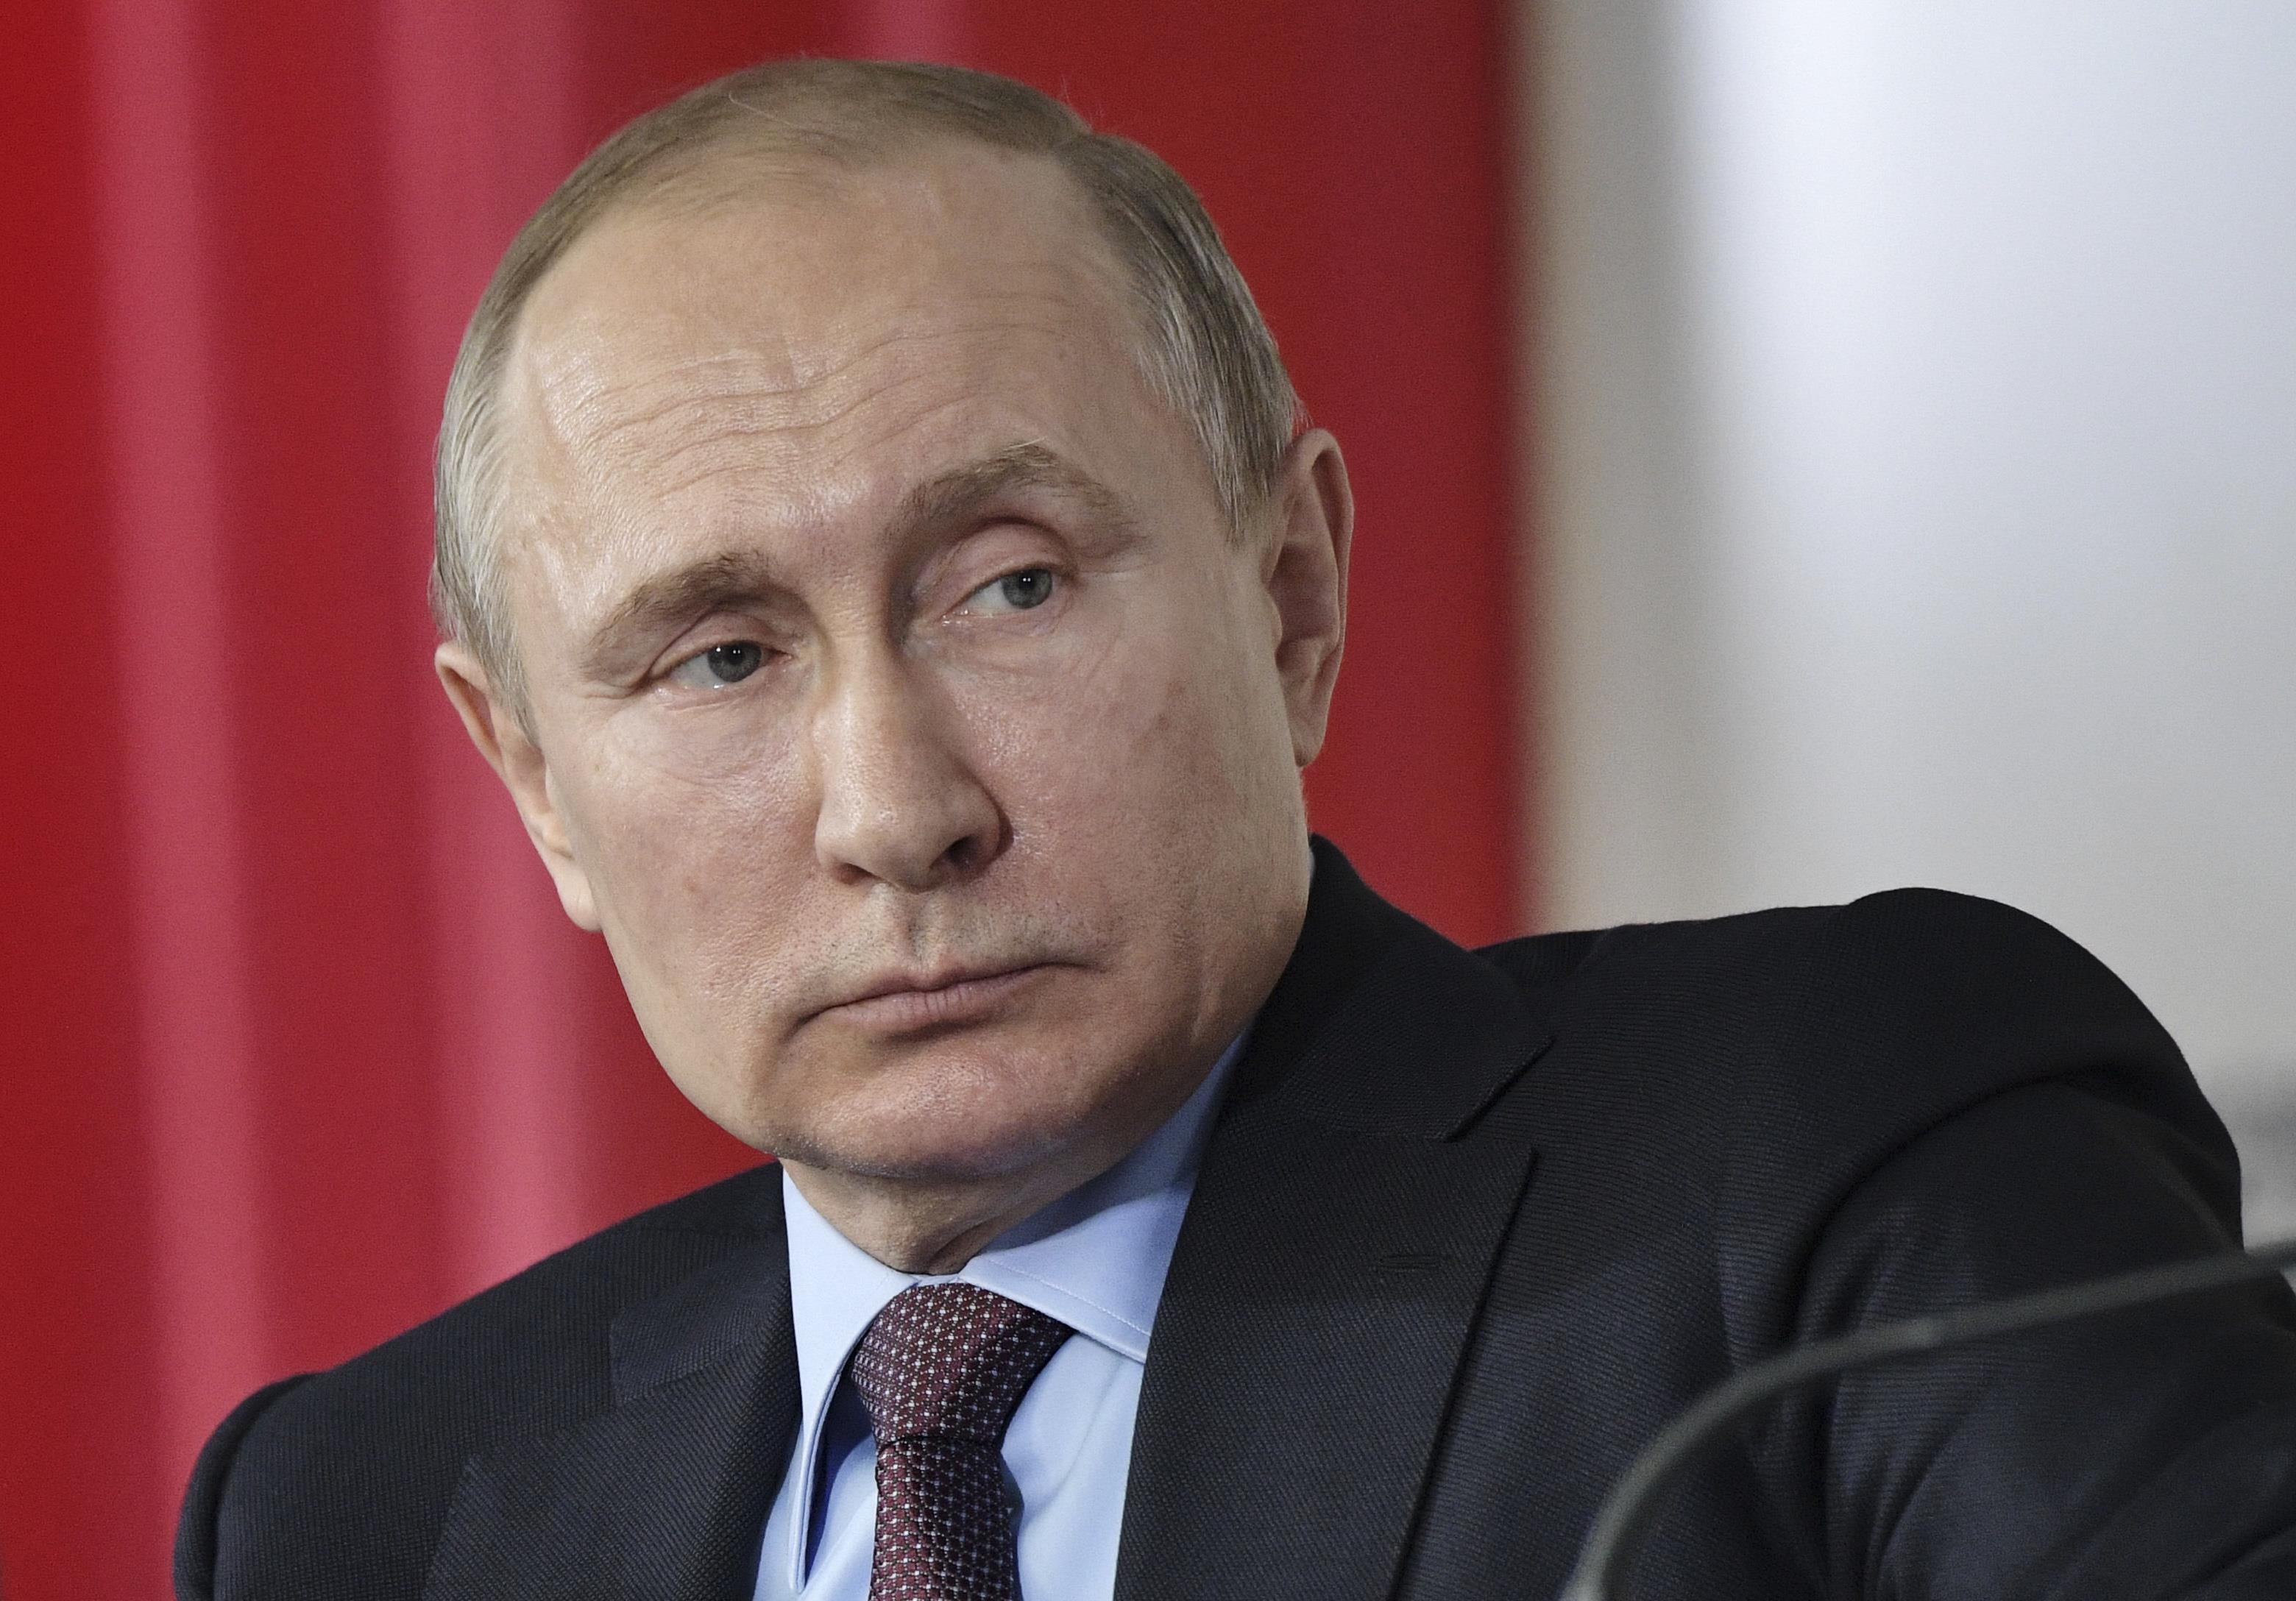 Владимира Путина больше всего волнует экономика РФ, отметила политик